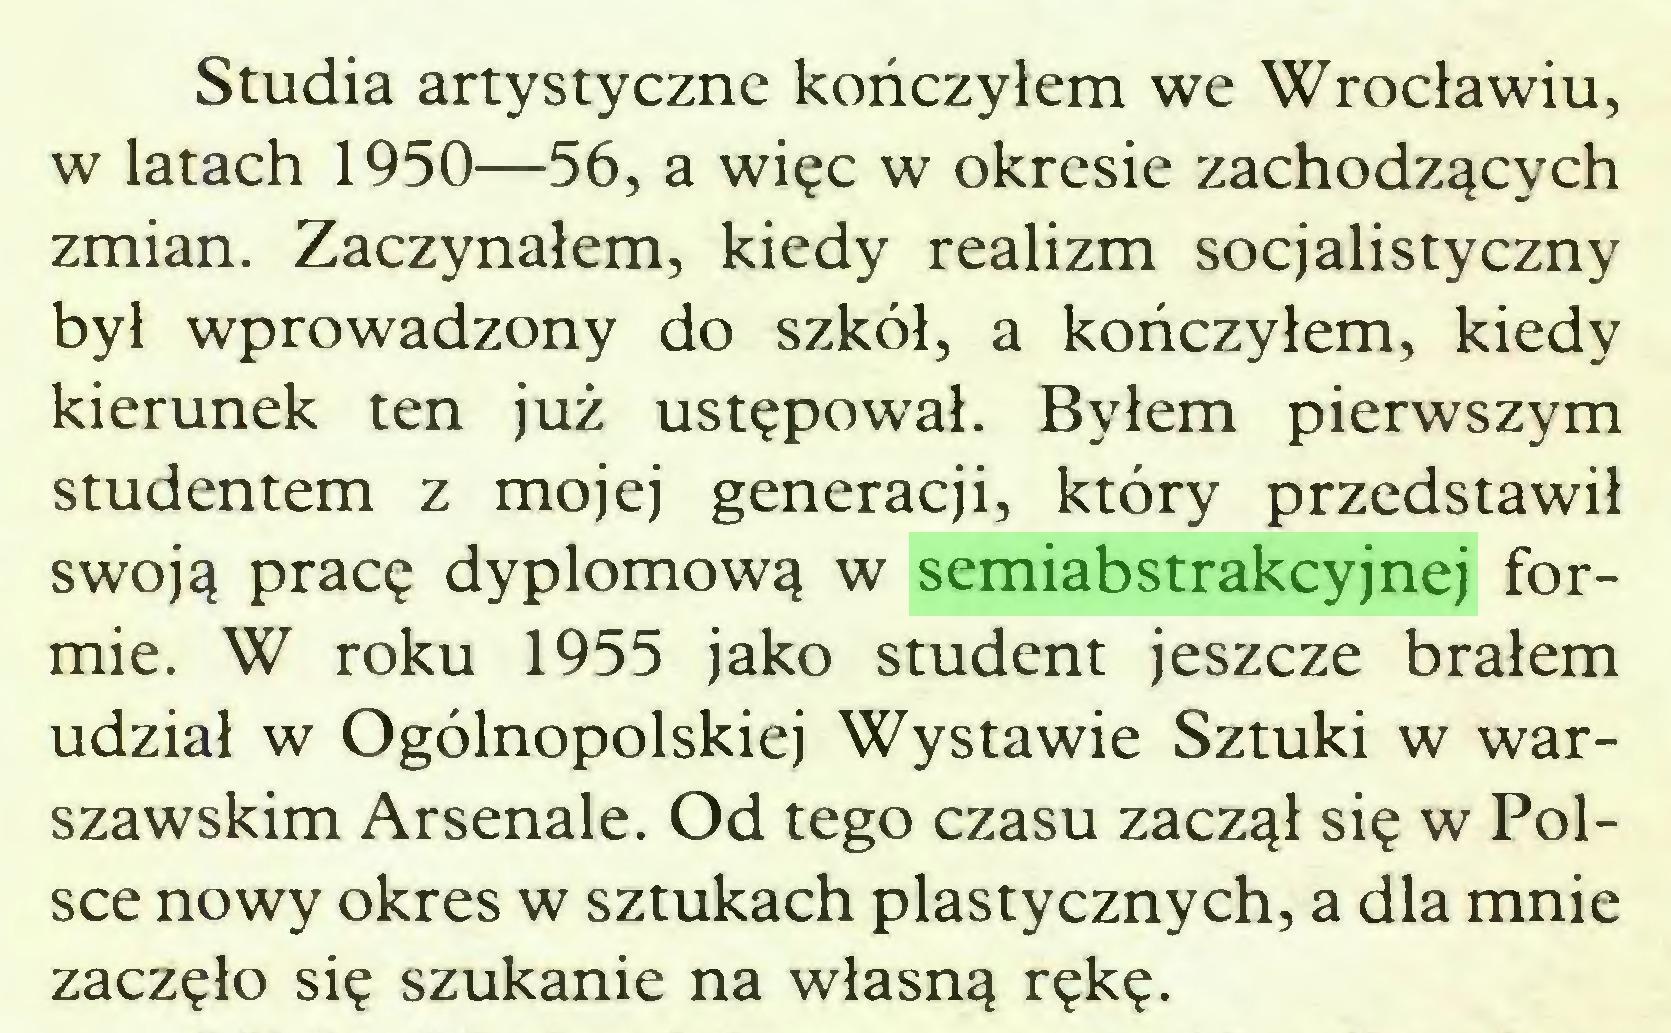 (...) Studia artystyczne kończyłem we Wrocławiu, w latach 1950—56, a więc w okresie zachodzących zmian. Zaczynałem, kiedy realizm socjalistyczny był wprowadzony do szkół, a kończyłem, kiedy kierunek ten już ustępował. Byłem pierwszym studentem z mojej generacji, który przedstawił swoją pracę dyplomową w semiabstrakcyjnej formie. W roku 1955 jako student jeszcze brałem udział w Ogólnopolskiej Wystawie Sztuki w warszawskim Arsenale. Od tego czasu zaczął się w Polsce nowy okres w sztukach plastycznych, a dla mnie zaczęło się szukanie na własną rękę...